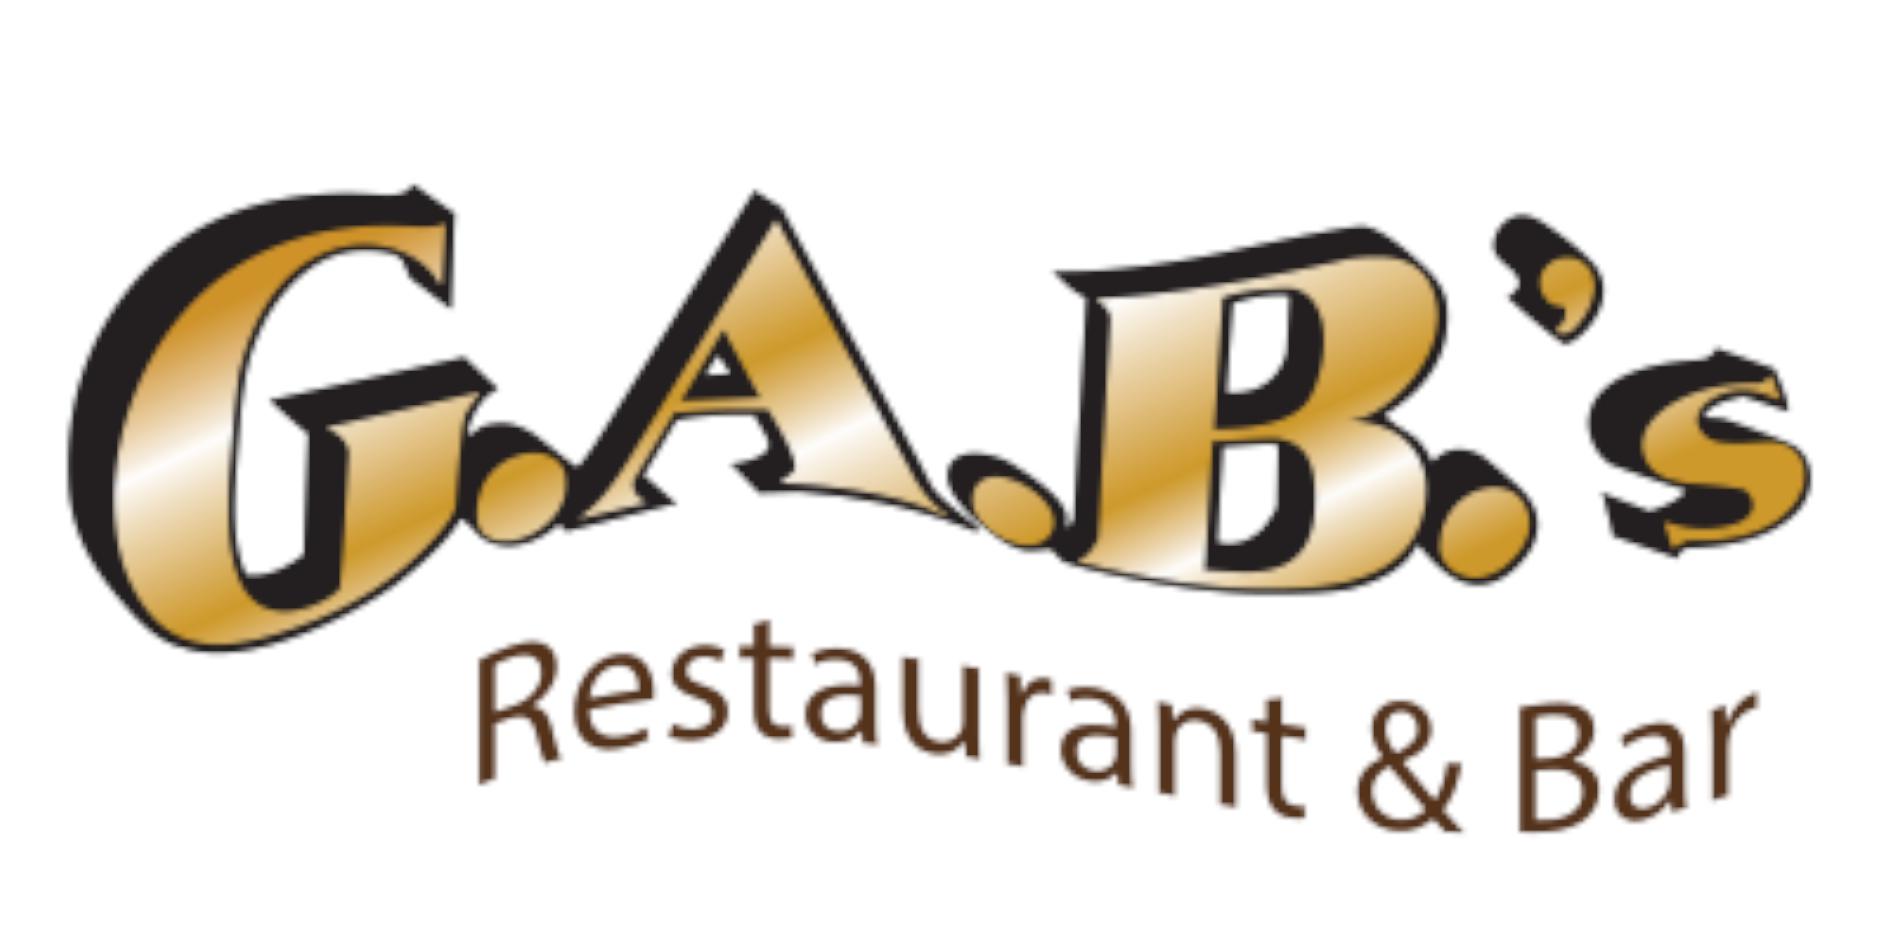 G.A.B.'s